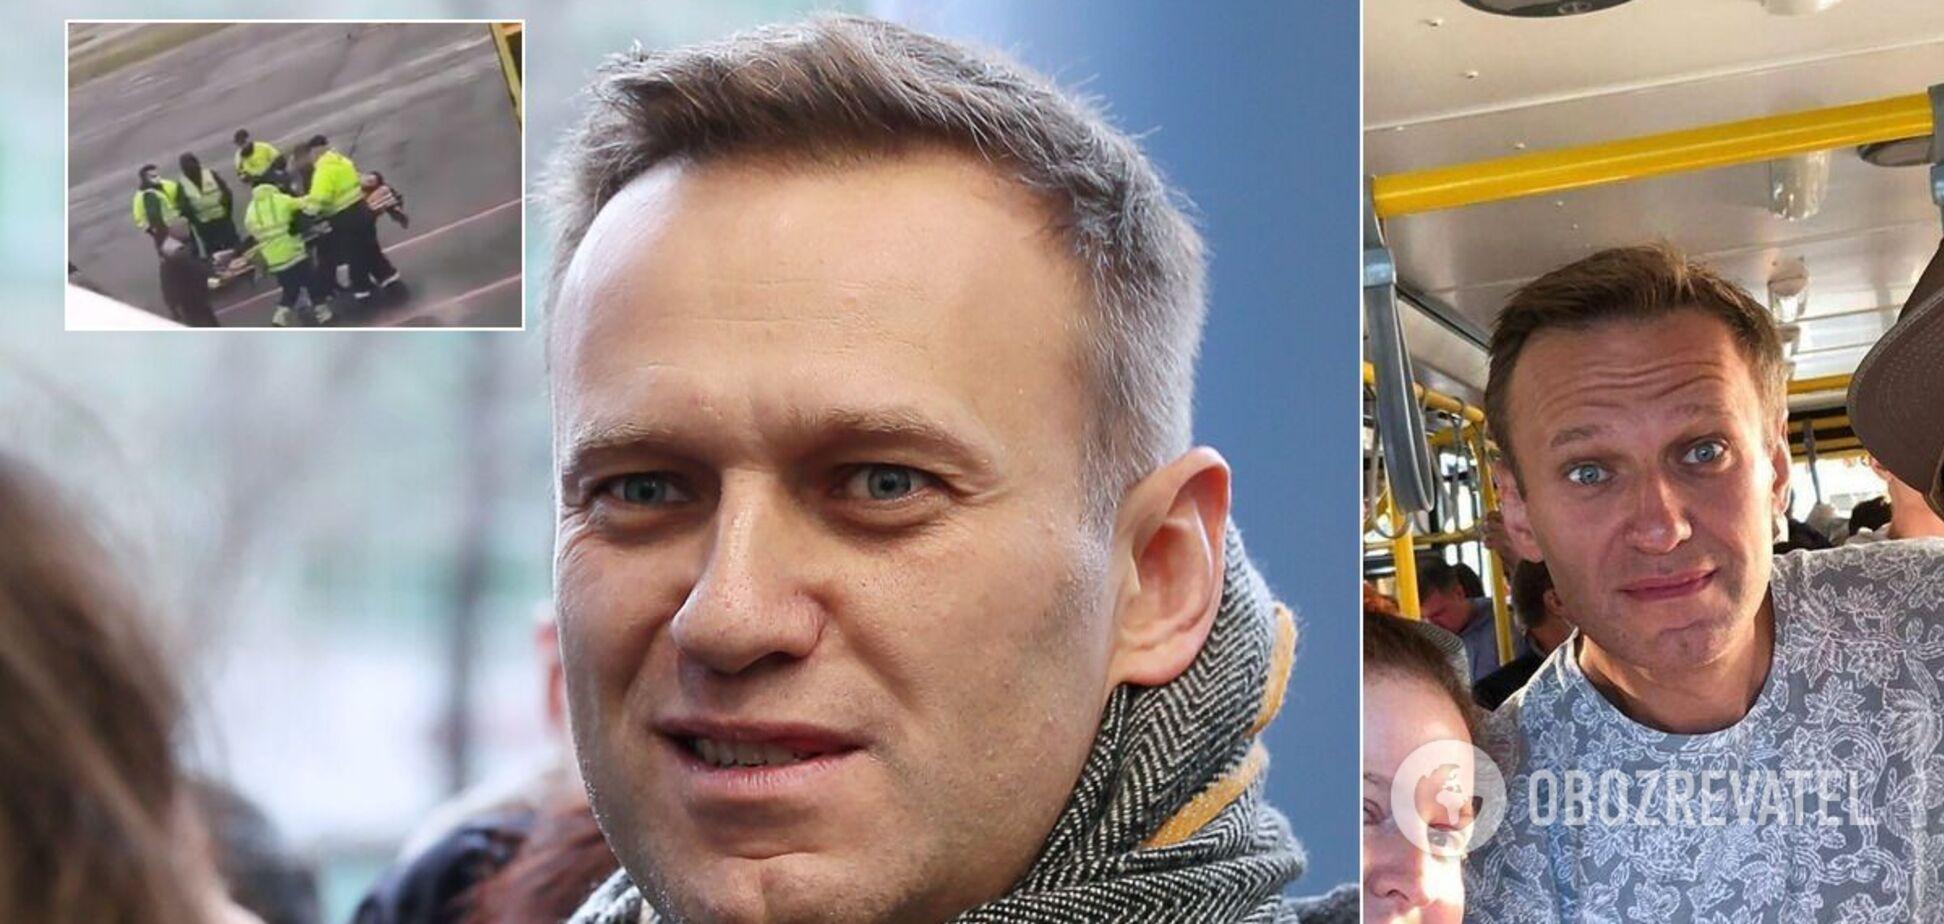 Навальний впав у кому, його могли отруїти: всі подробиці НП з опозиціонером